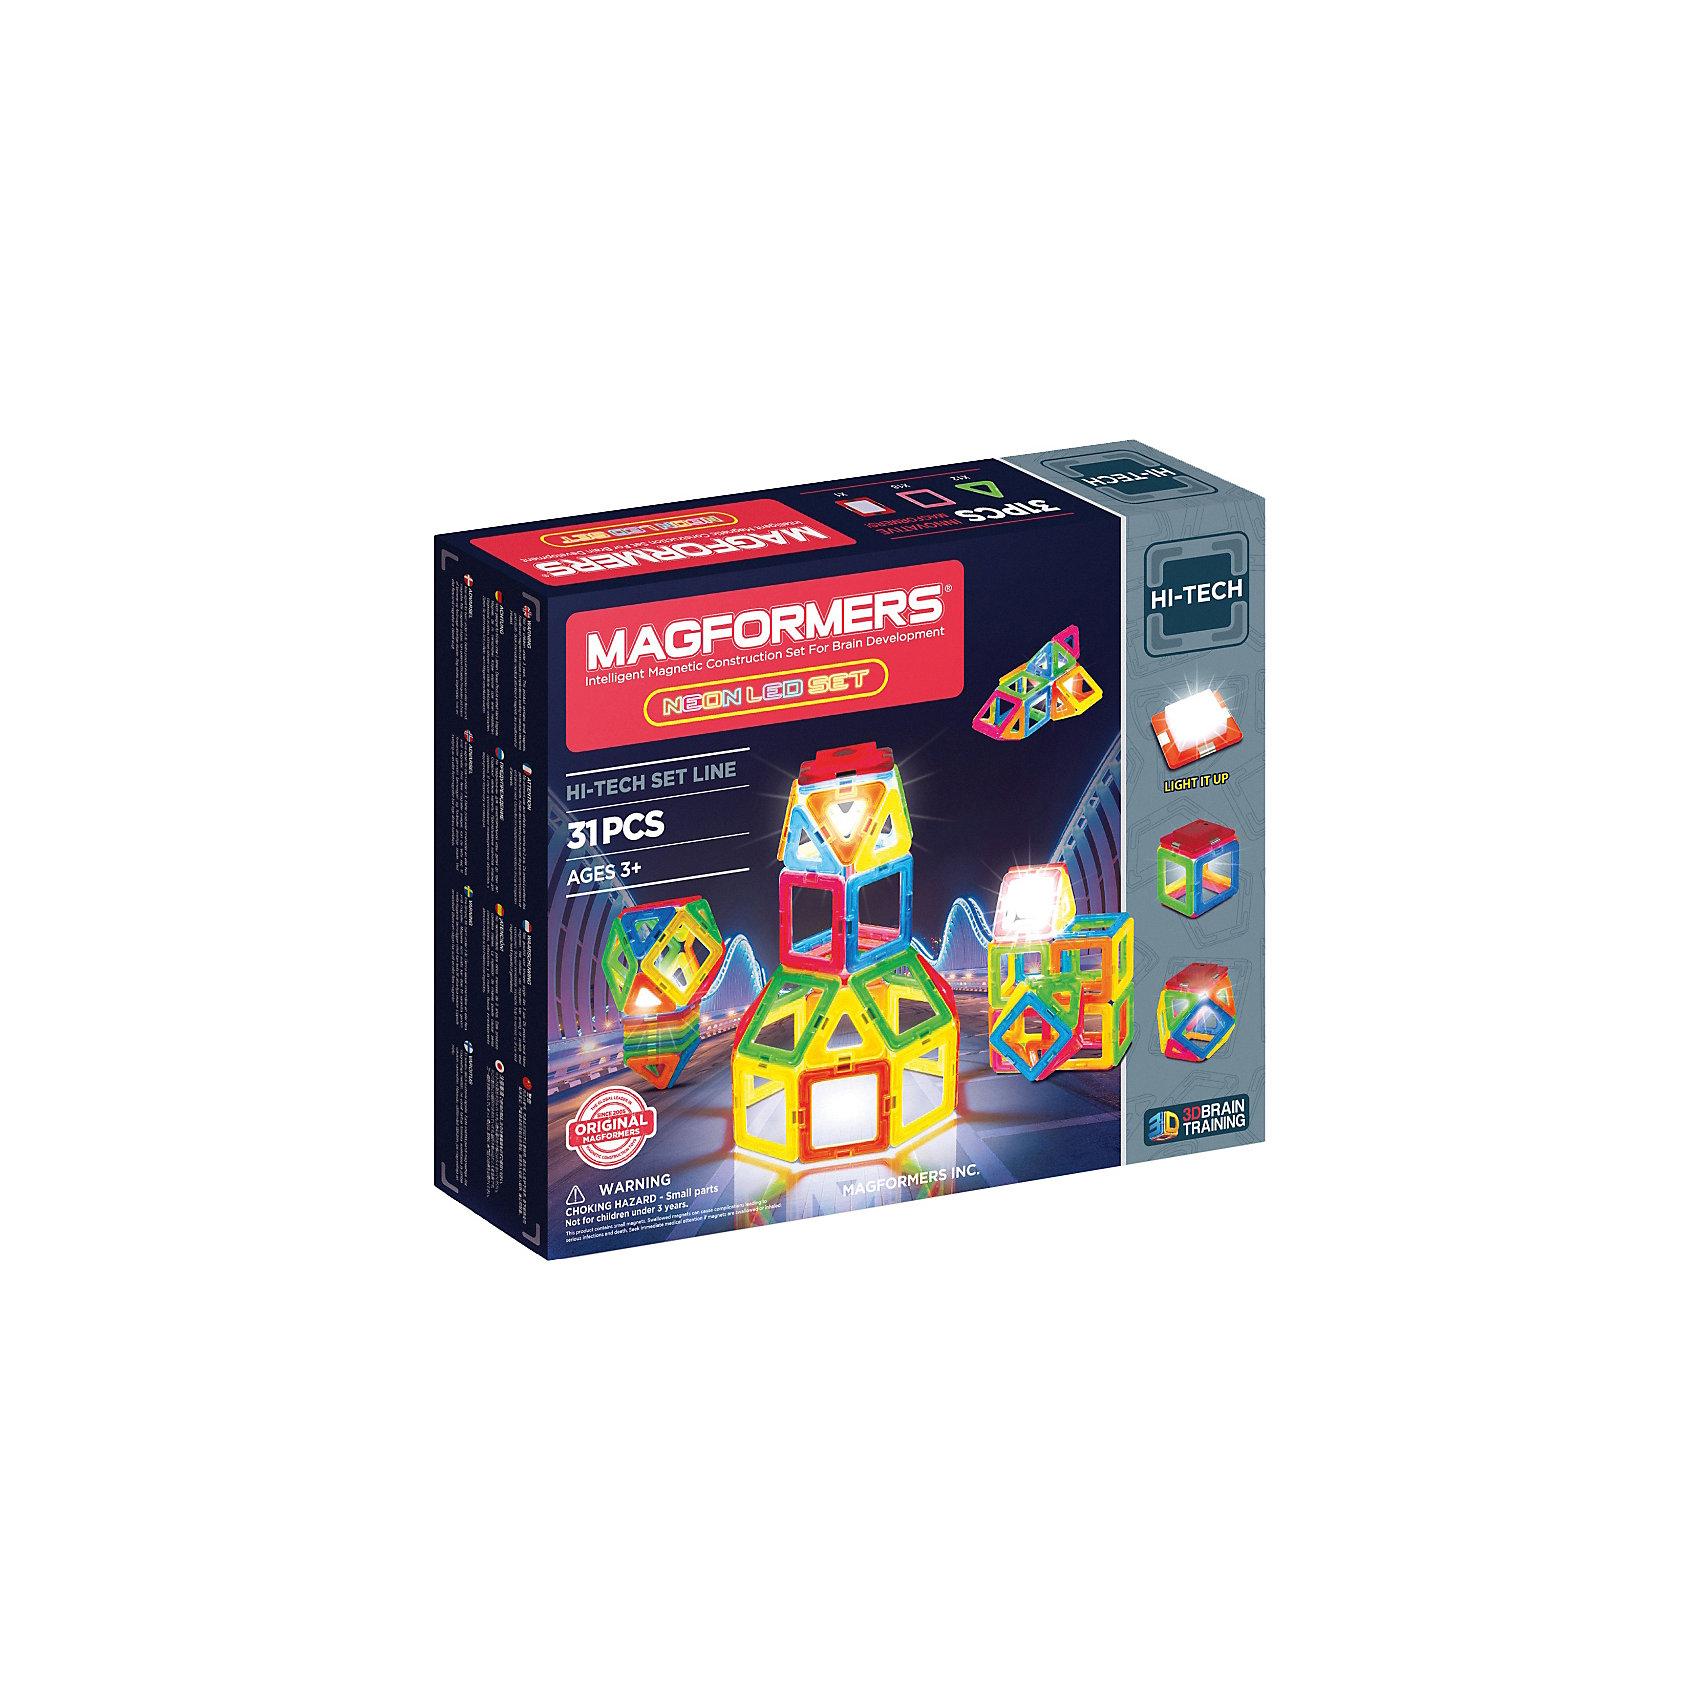 Магнитный конструктор 709007 Neon Led set, MAGFORMERSМагнитные конструкторы<br>Характеристики товара:<br><br>• возраст: от 3 лет;<br>• материал: пластик;<br>• в комплекте: 30 деталей, светодиодный элемент, инструкция;<br>• размер упаковки: 24х28х5 см;<br>• вес упаковки: 793 гр.;<br>• страна производитель: Корея.<br><br>Магнитный конструктор Neon Led set Magformers позволит детям построить разнообразные геометрические фигуры, машины, башни, дома. Конструктор Magformers — удивительный конструктор, детали которого соединяются между собой благодаря магнитам. Магниты внутри элементов уже сделаны таким образом, что позволяют им присоединяться и поворачиваться друг к другу нужной стороной.<br><br>В комплект данного набора входит светодиодный элемент, благодаря которому готовая фигурка светится в темноте. Конструктор развивает у детей пространственное и логическое мышление, мелкую моторику рук, воображение и фантазию. Элементы выполнены из прочного качественного пластика.<br><br>Магнитный конструктор Neon Led set Magformers можно приобрести в нашем интернет-магазине.<br><br>Ширина мм: 240<br>Глубина мм: 280<br>Высота мм: 50<br>Вес г: 793<br>Возраст от месяцев: 36<br>Возраст до месяцев: 2147483647<br>Пол: Унисекс<br>Возраст: Детский<br>SKU: 6881963